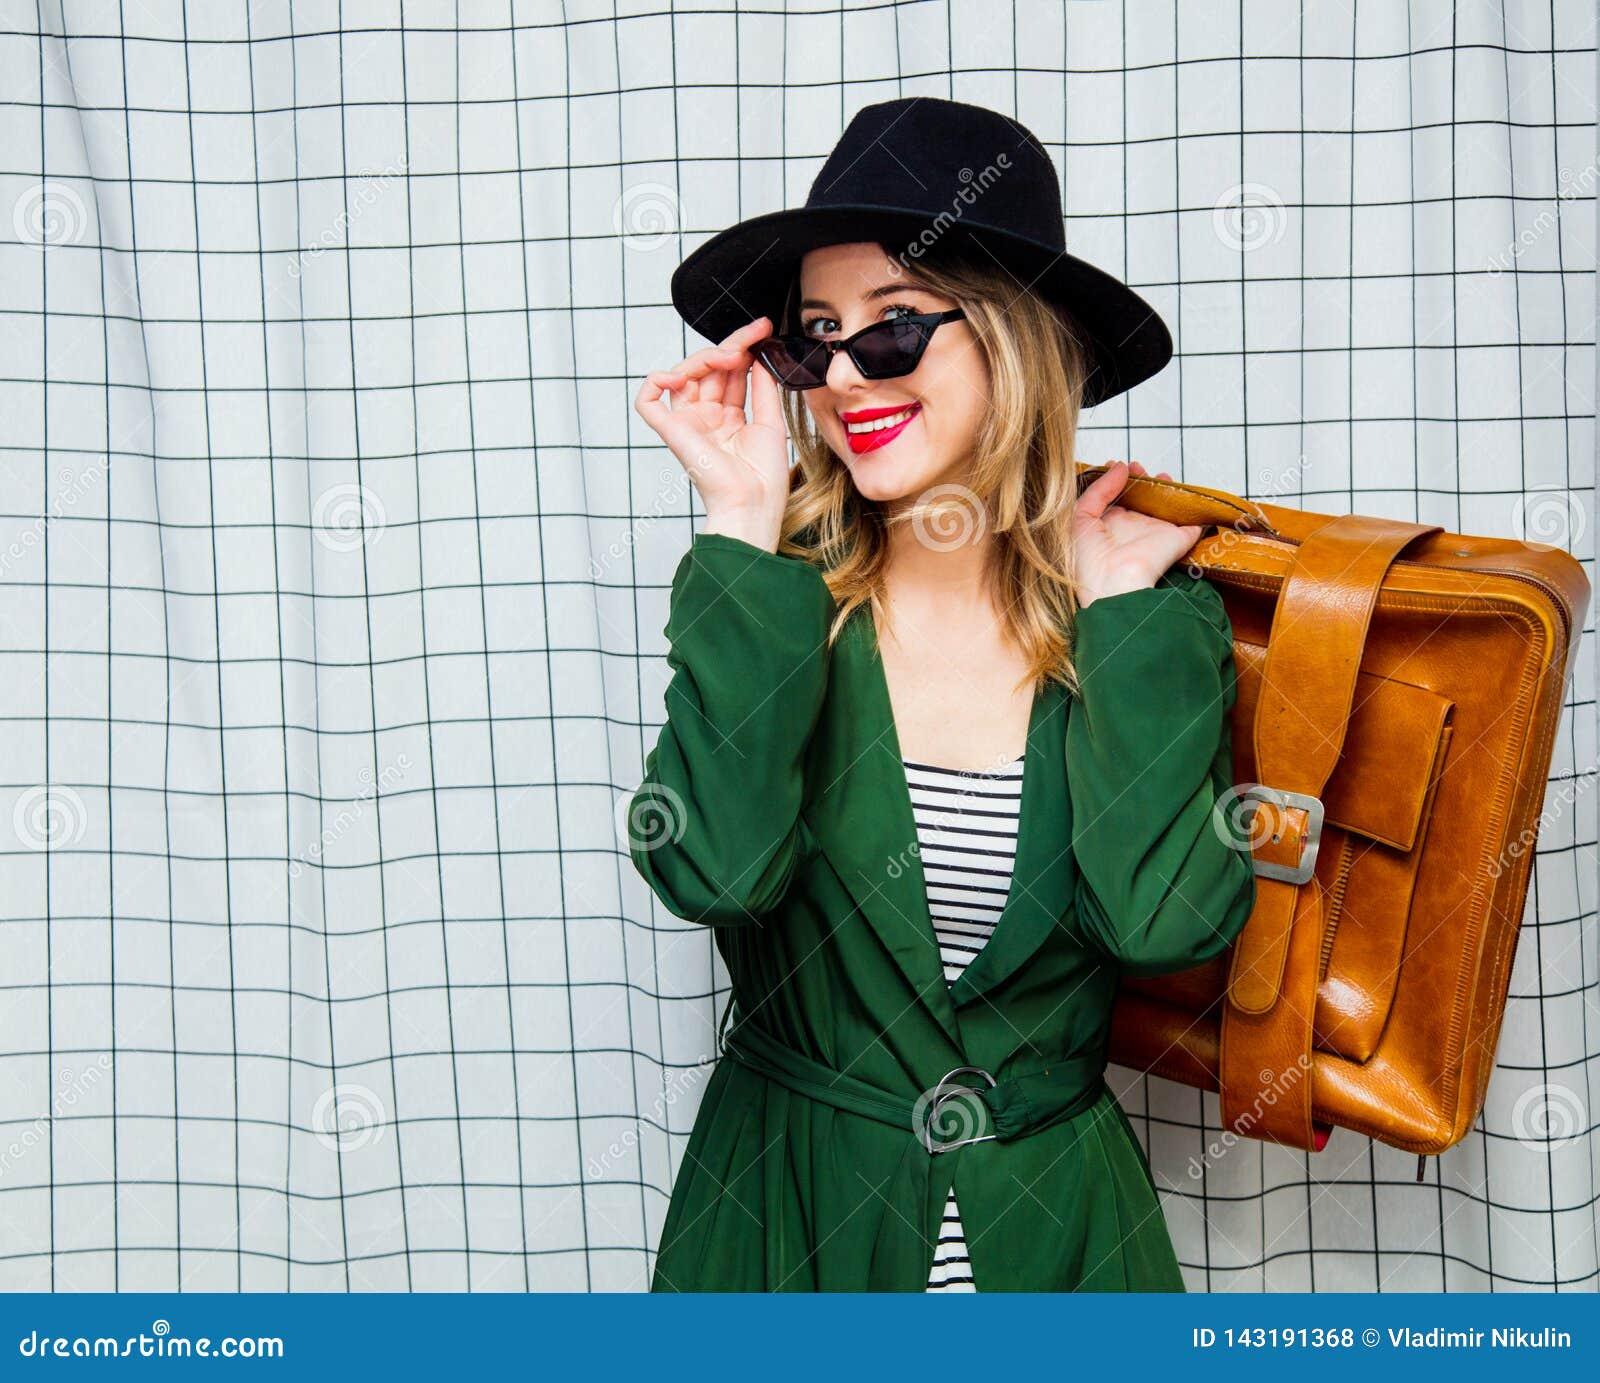 Frau im Hut und im grünen Mantel in der Art 90s mit Reisekoffer